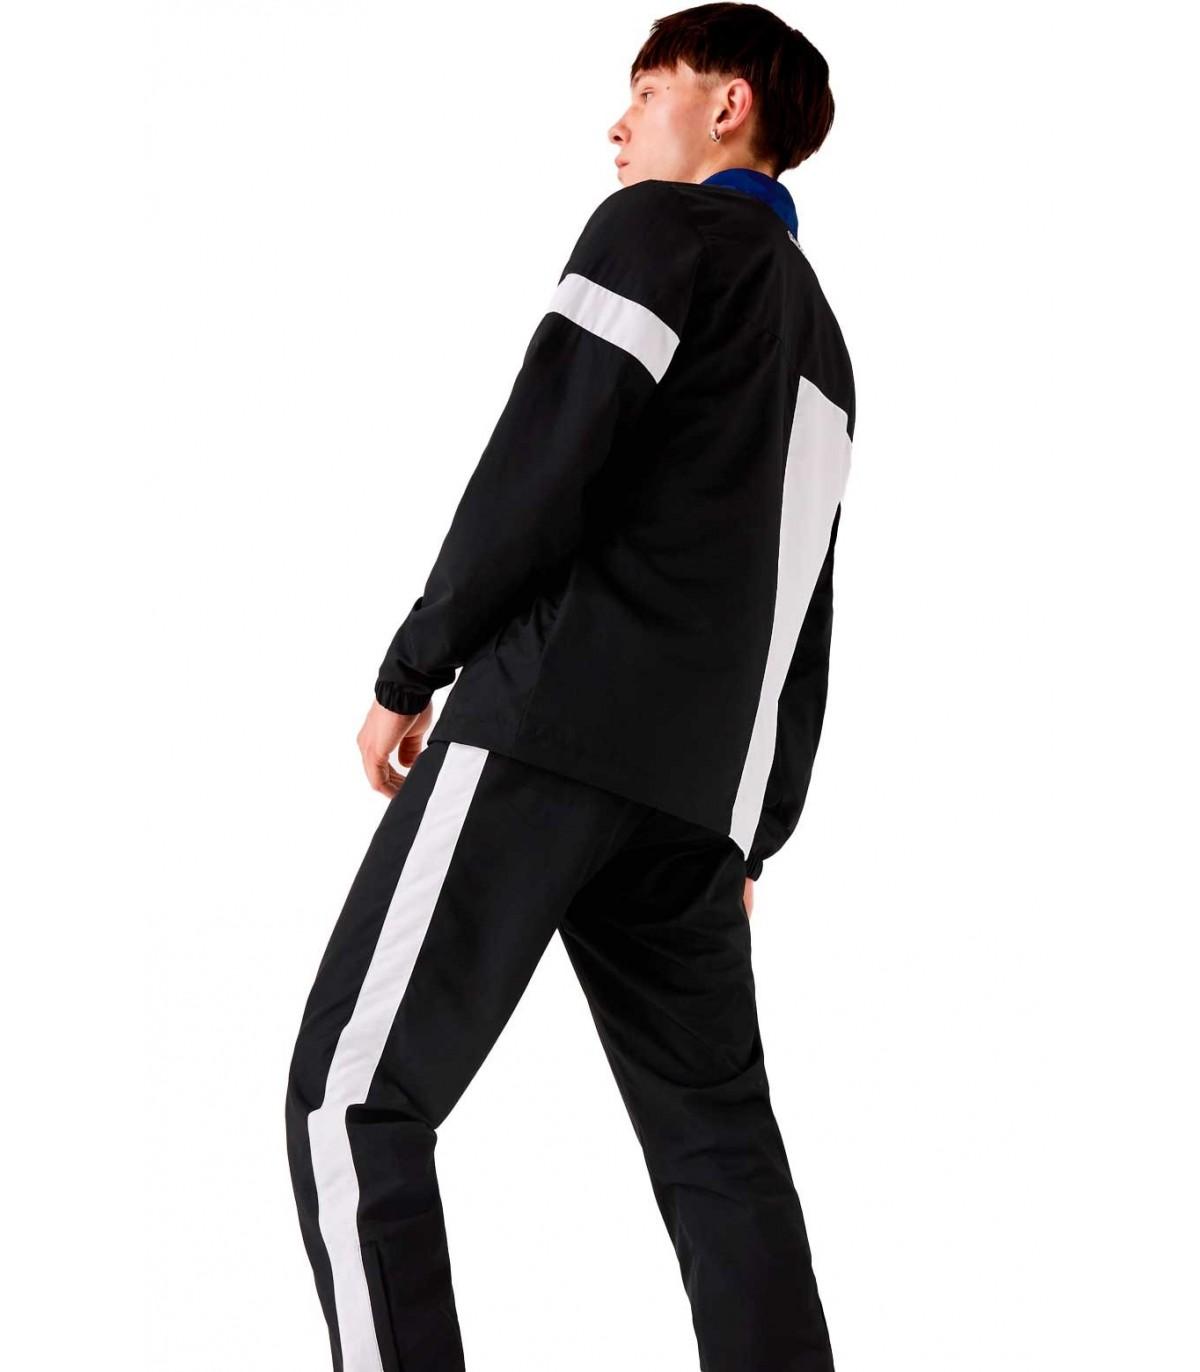 Lacoste Sport Chandal Con Cuello Alto Para Hombre Negro Azul Y Blanco Block